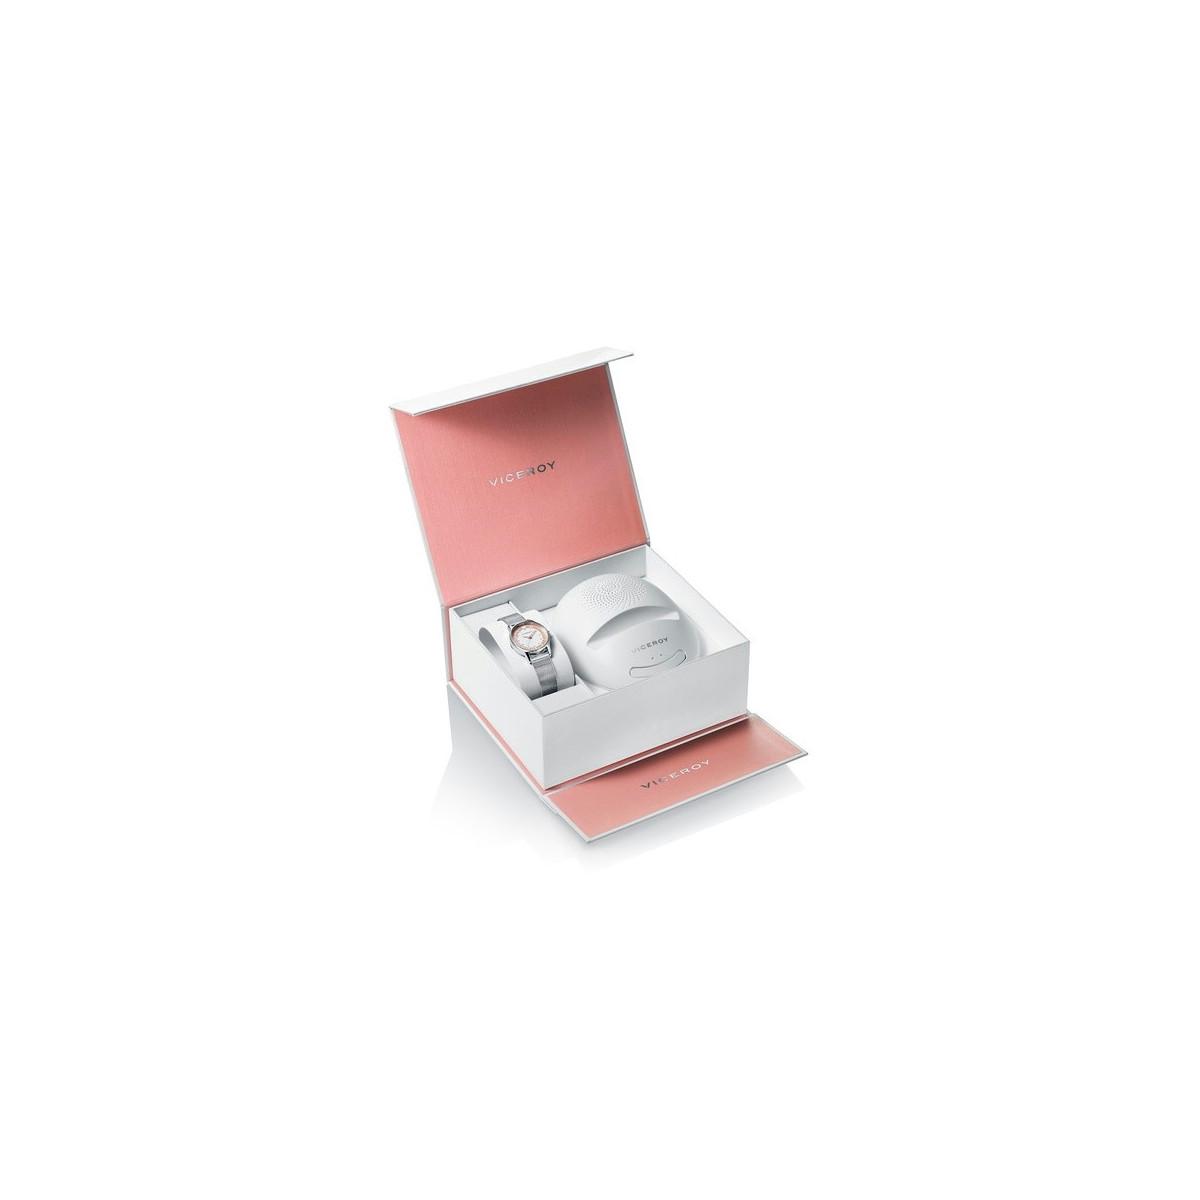 Pack Reloj Viceroy Niña+Altavoz Bluetooth Comunión_42364-94